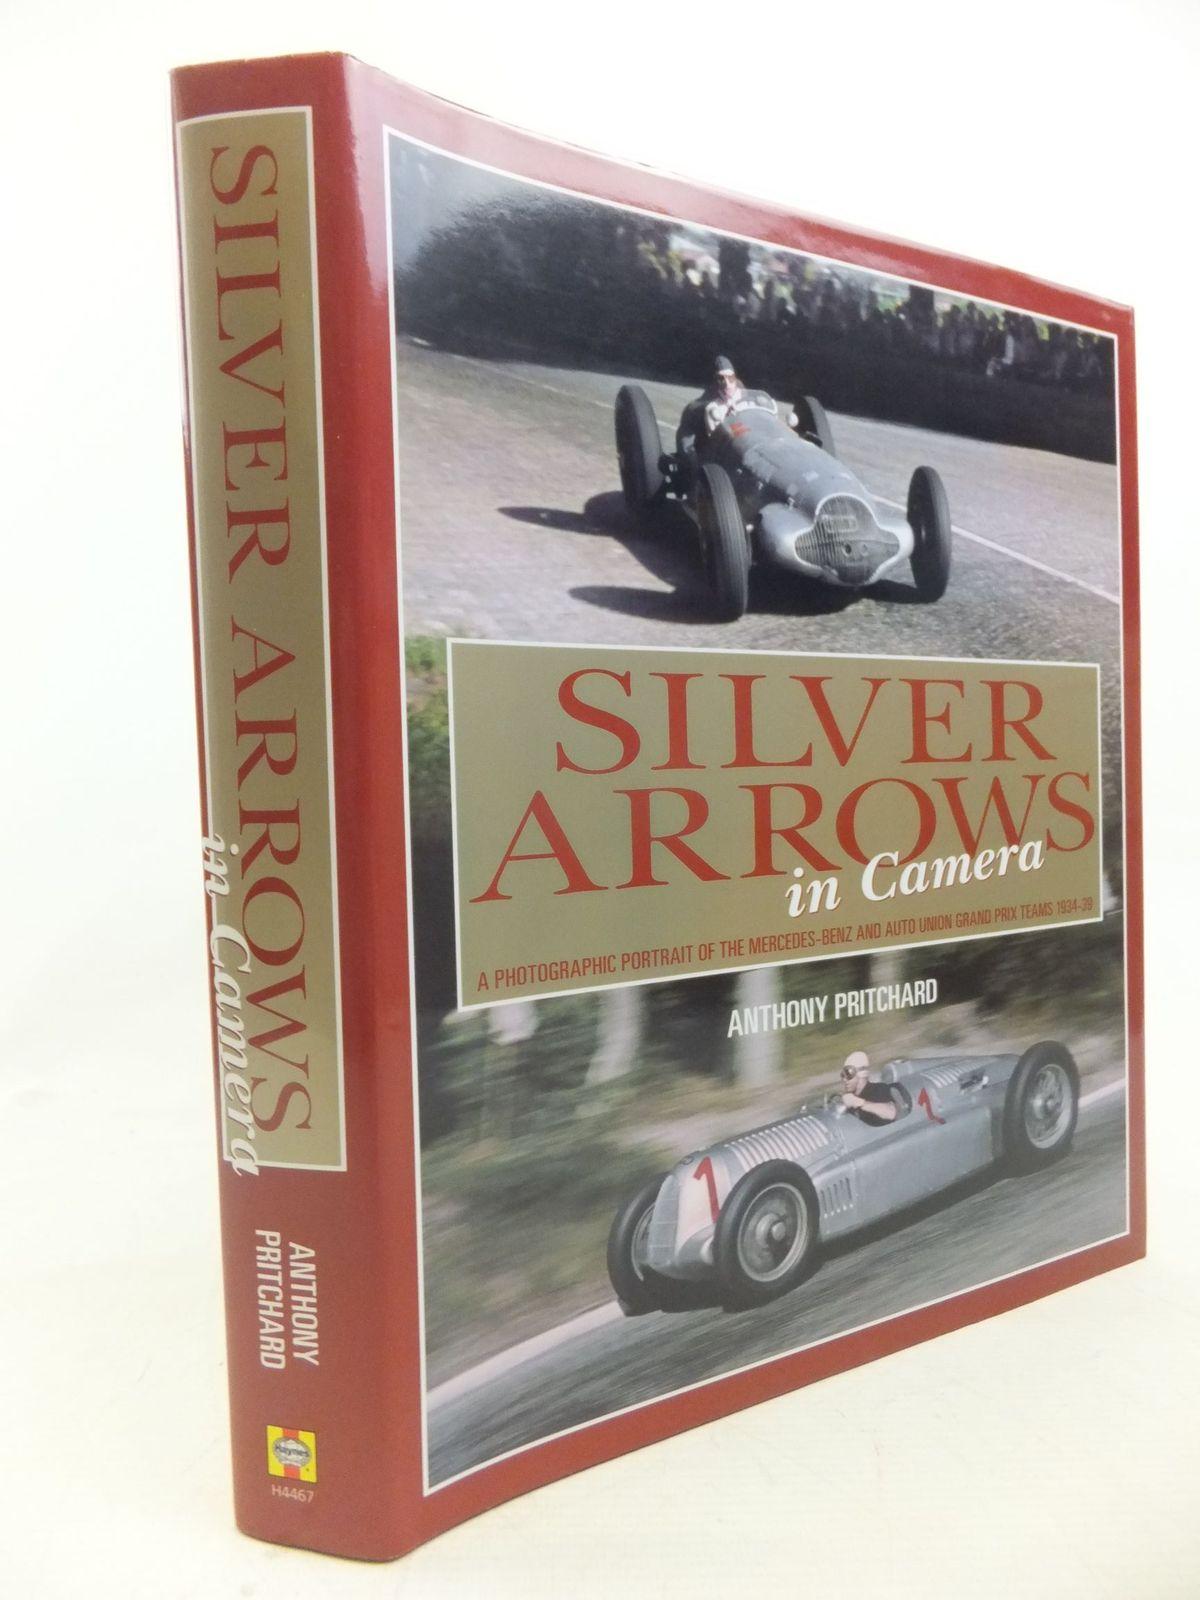 Silver Arrows In Camera